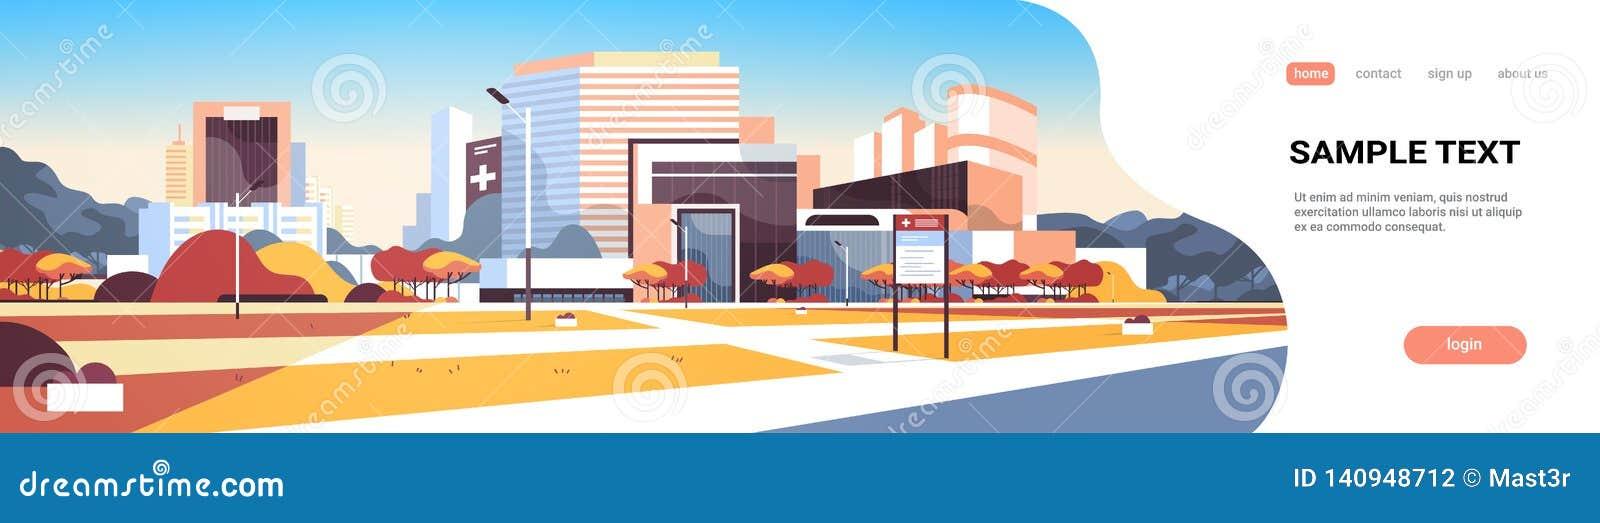 Grande ospedale che sviluppa esterno moderno della clinica medica con il fondo di paesaggio urbano degli alberi del bordo di info